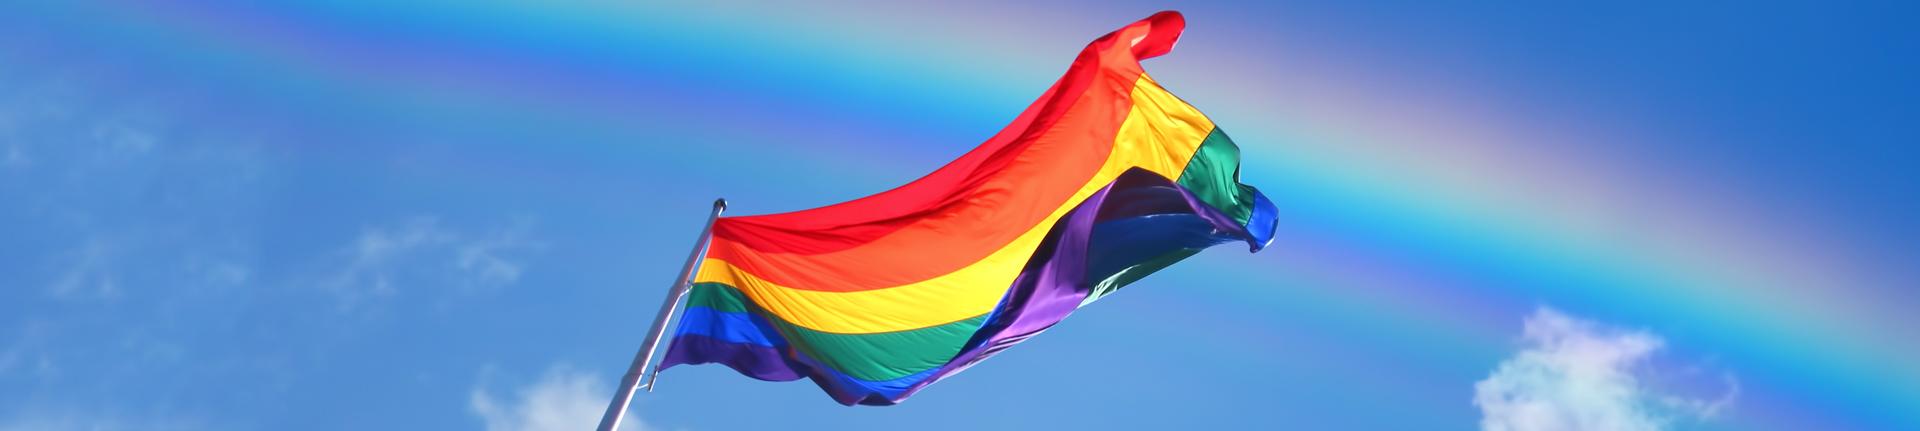 Movimento LGBT: origens, curiosidades e lições aprendidas